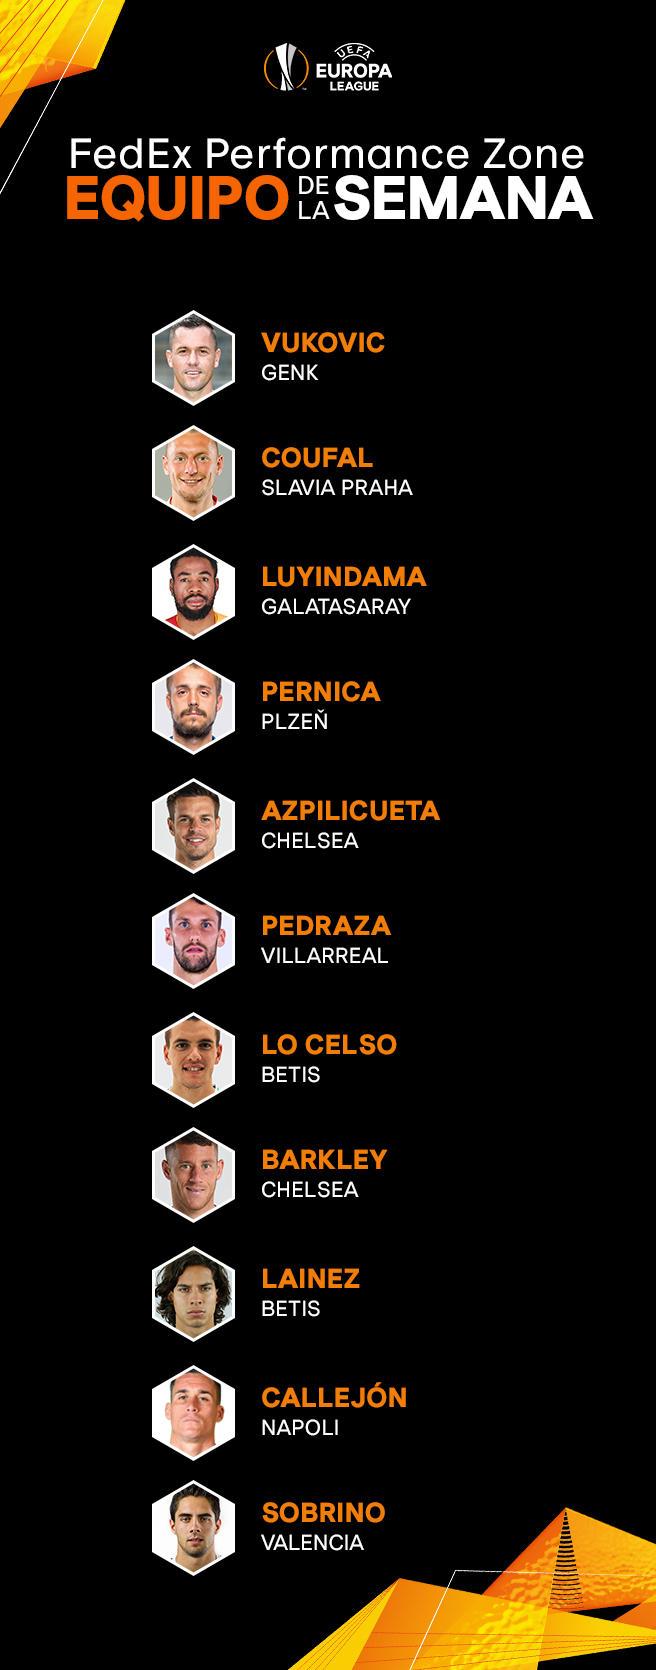 Equipo de la semana en Europa League